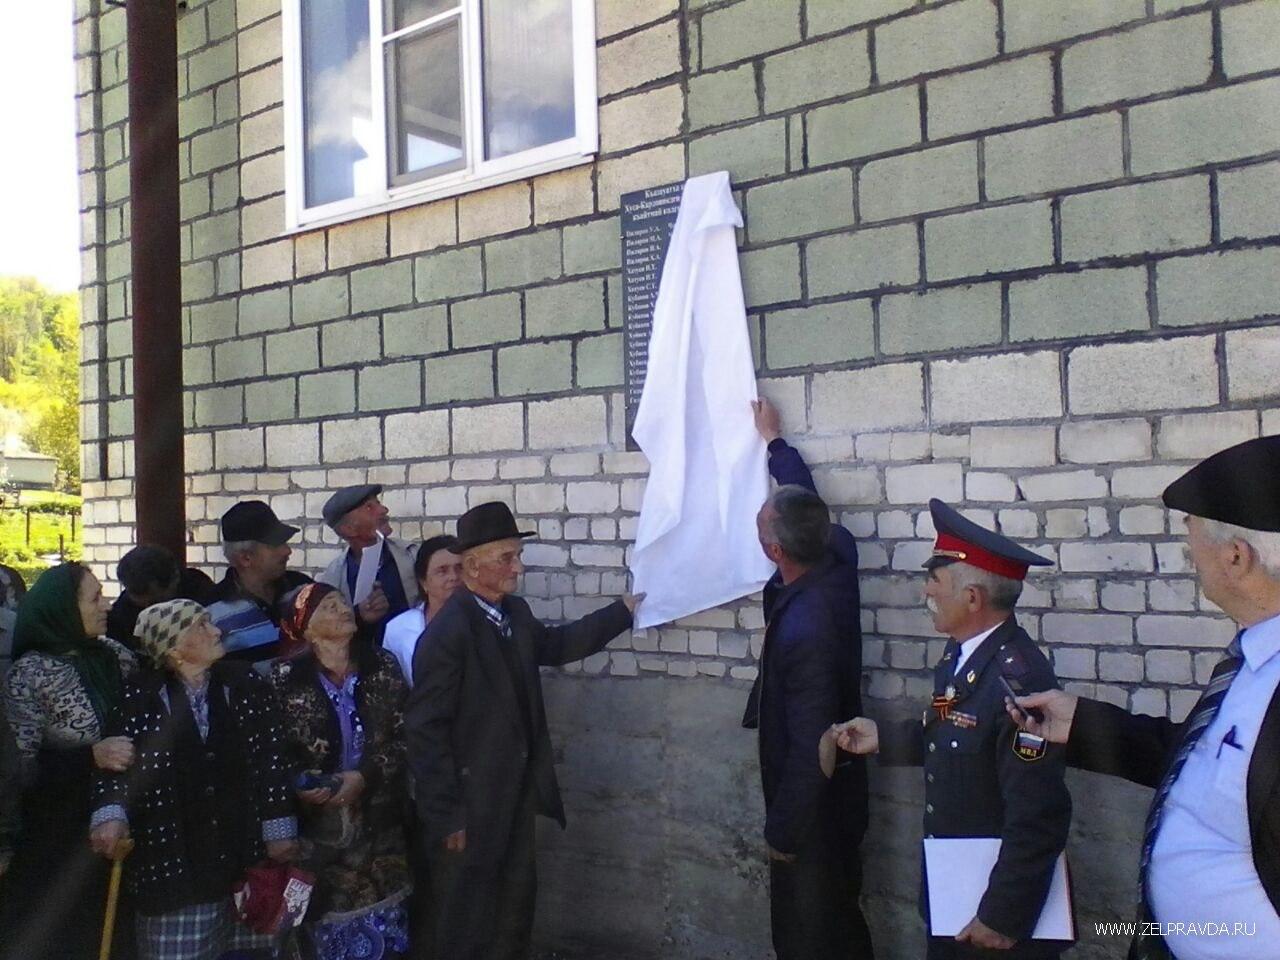 В Зеленчукском районе открыли мемориальную доску жителям погибшим в Великой Отечественной войне